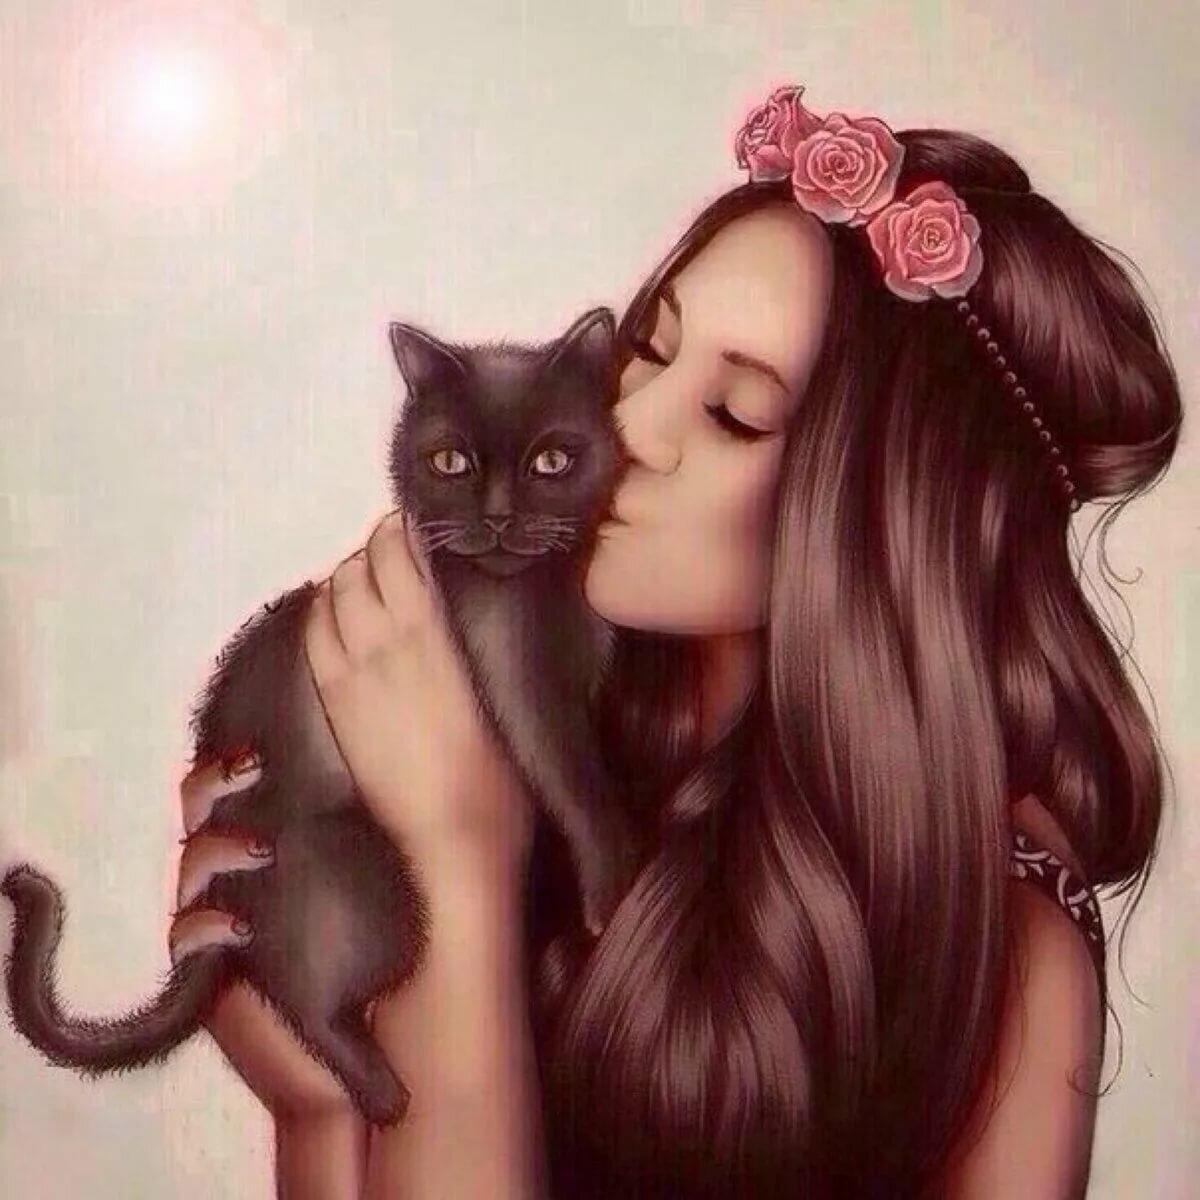 Картинки котов, прикольные картинки девочек на аватарку